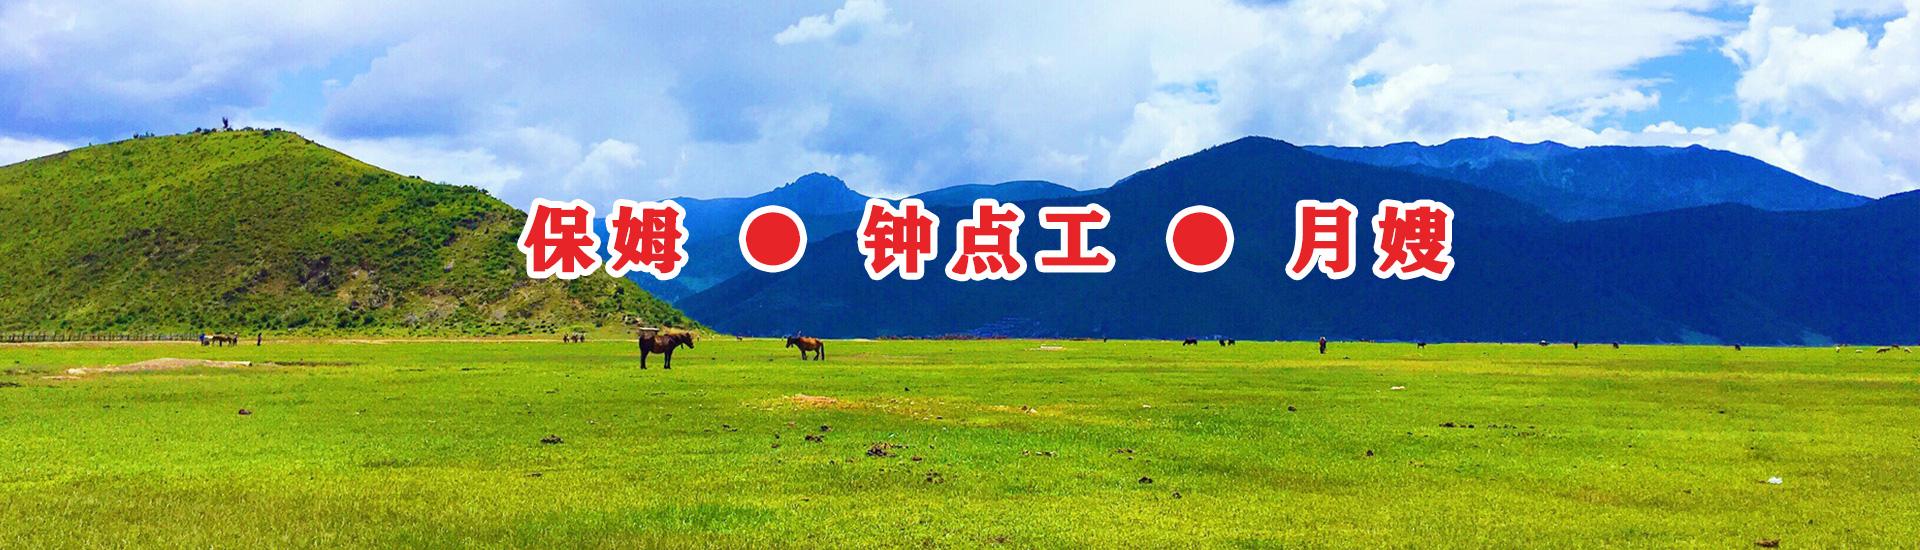 家(jia)政公司